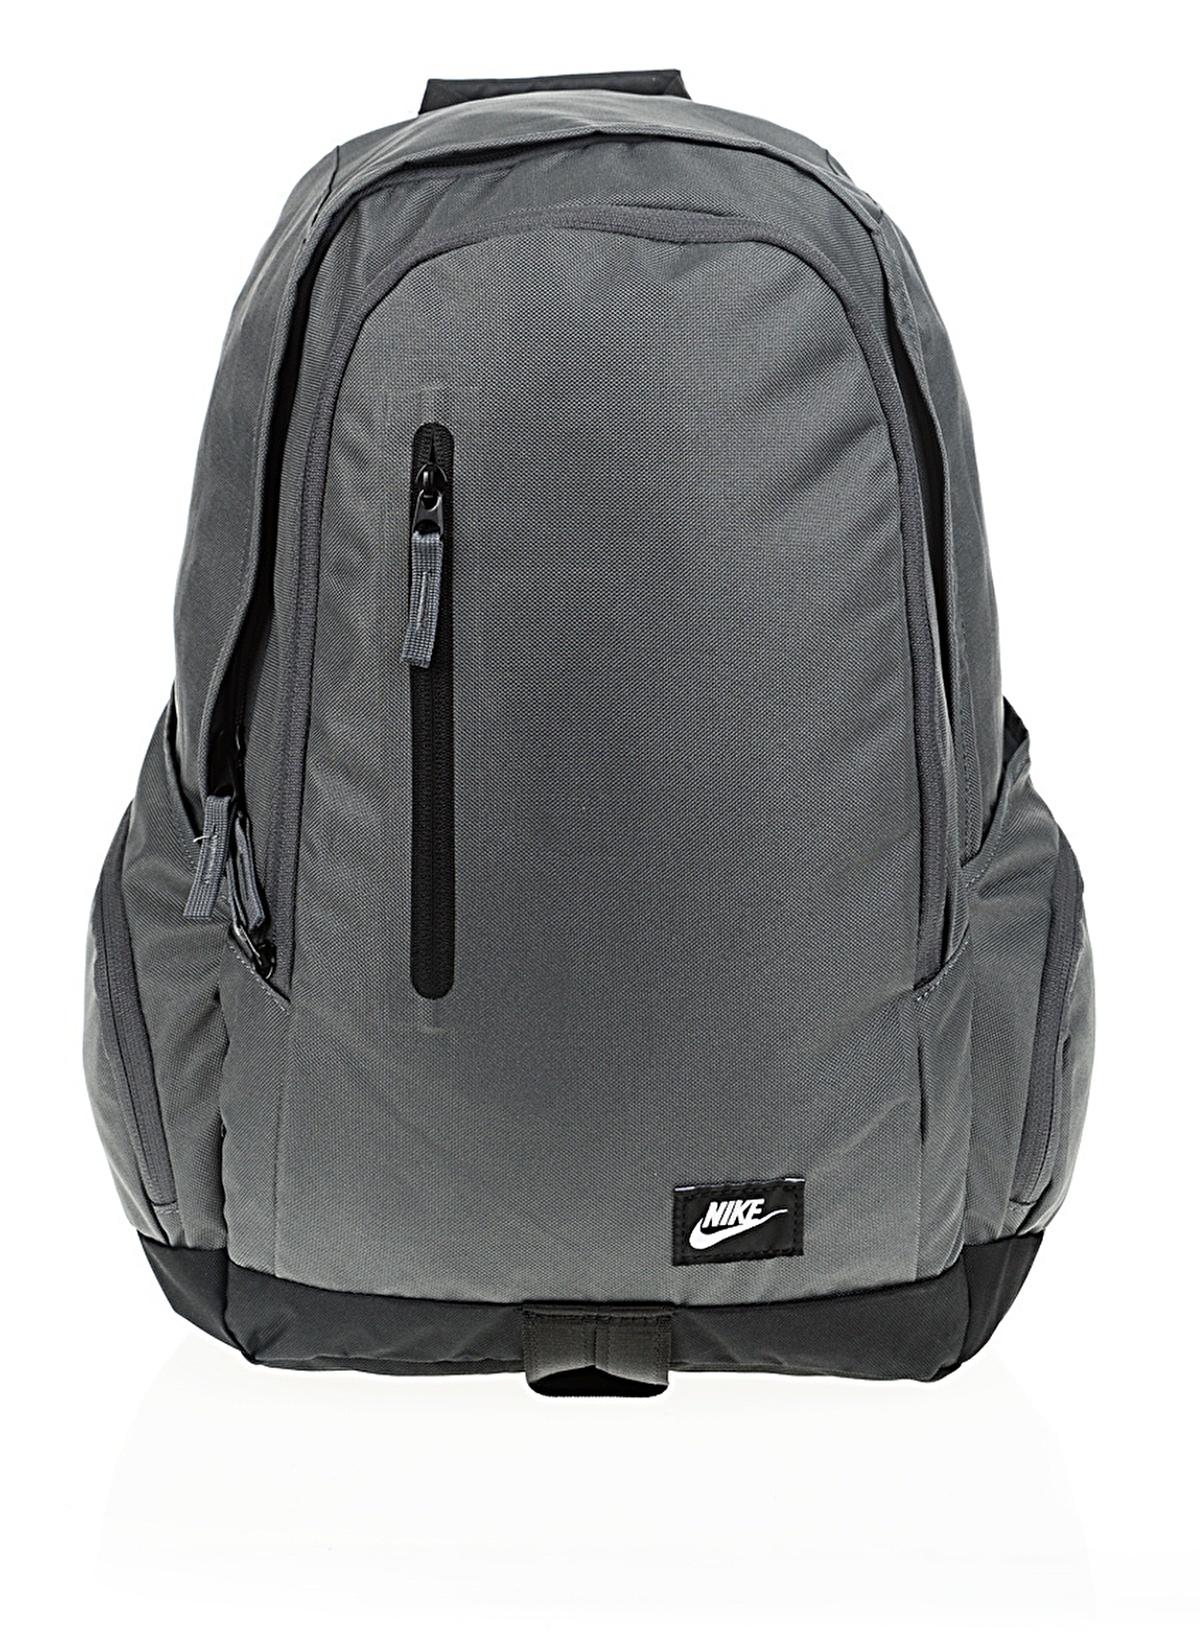 Nike Erkek Sırt Çantası Dark Grey Black White  9631c0a5bb1fe